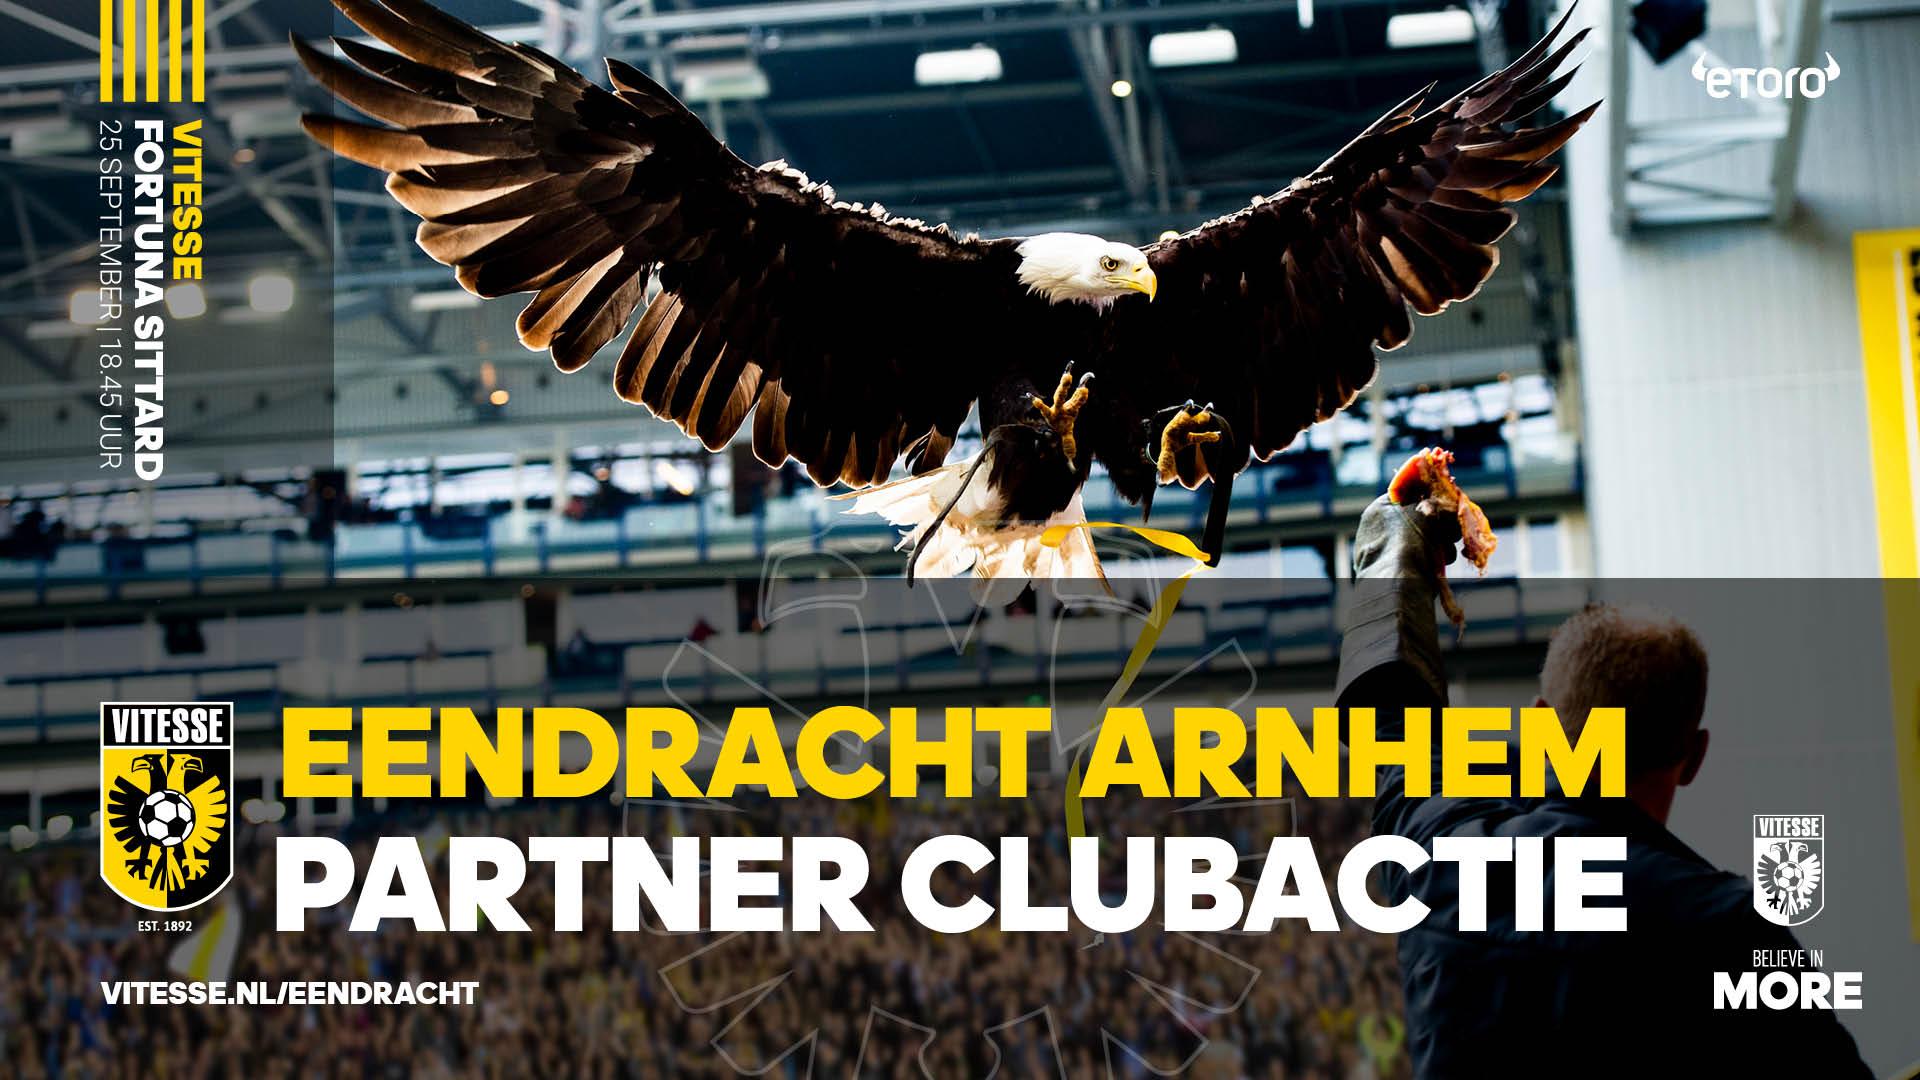 Eendracht Partnerclub van Vitesse